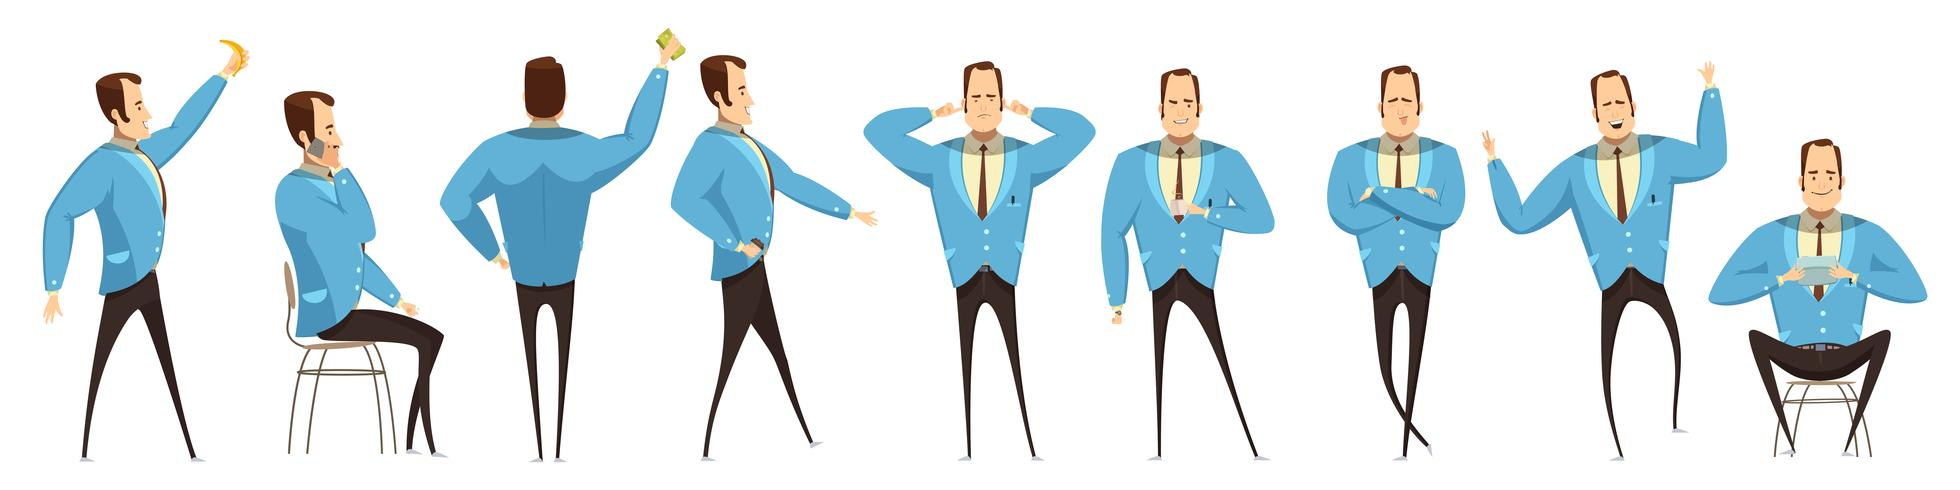 Zakenman In Verschillende Poses Set vector